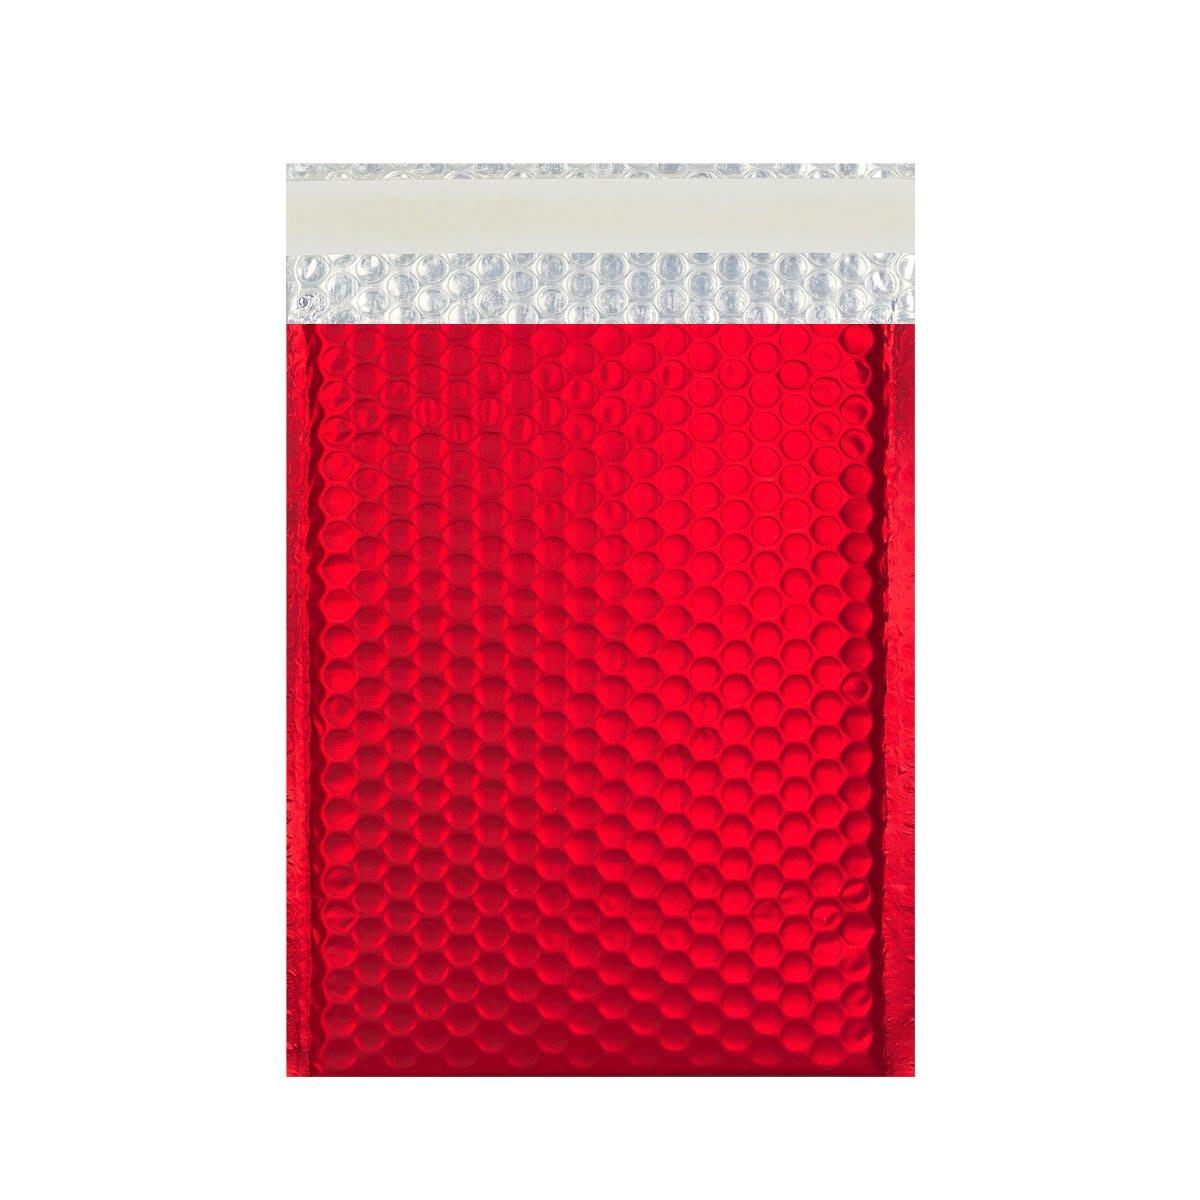 C5 + MATT METALLIC RED PADDED ENVELOPES (250 x 180MM)